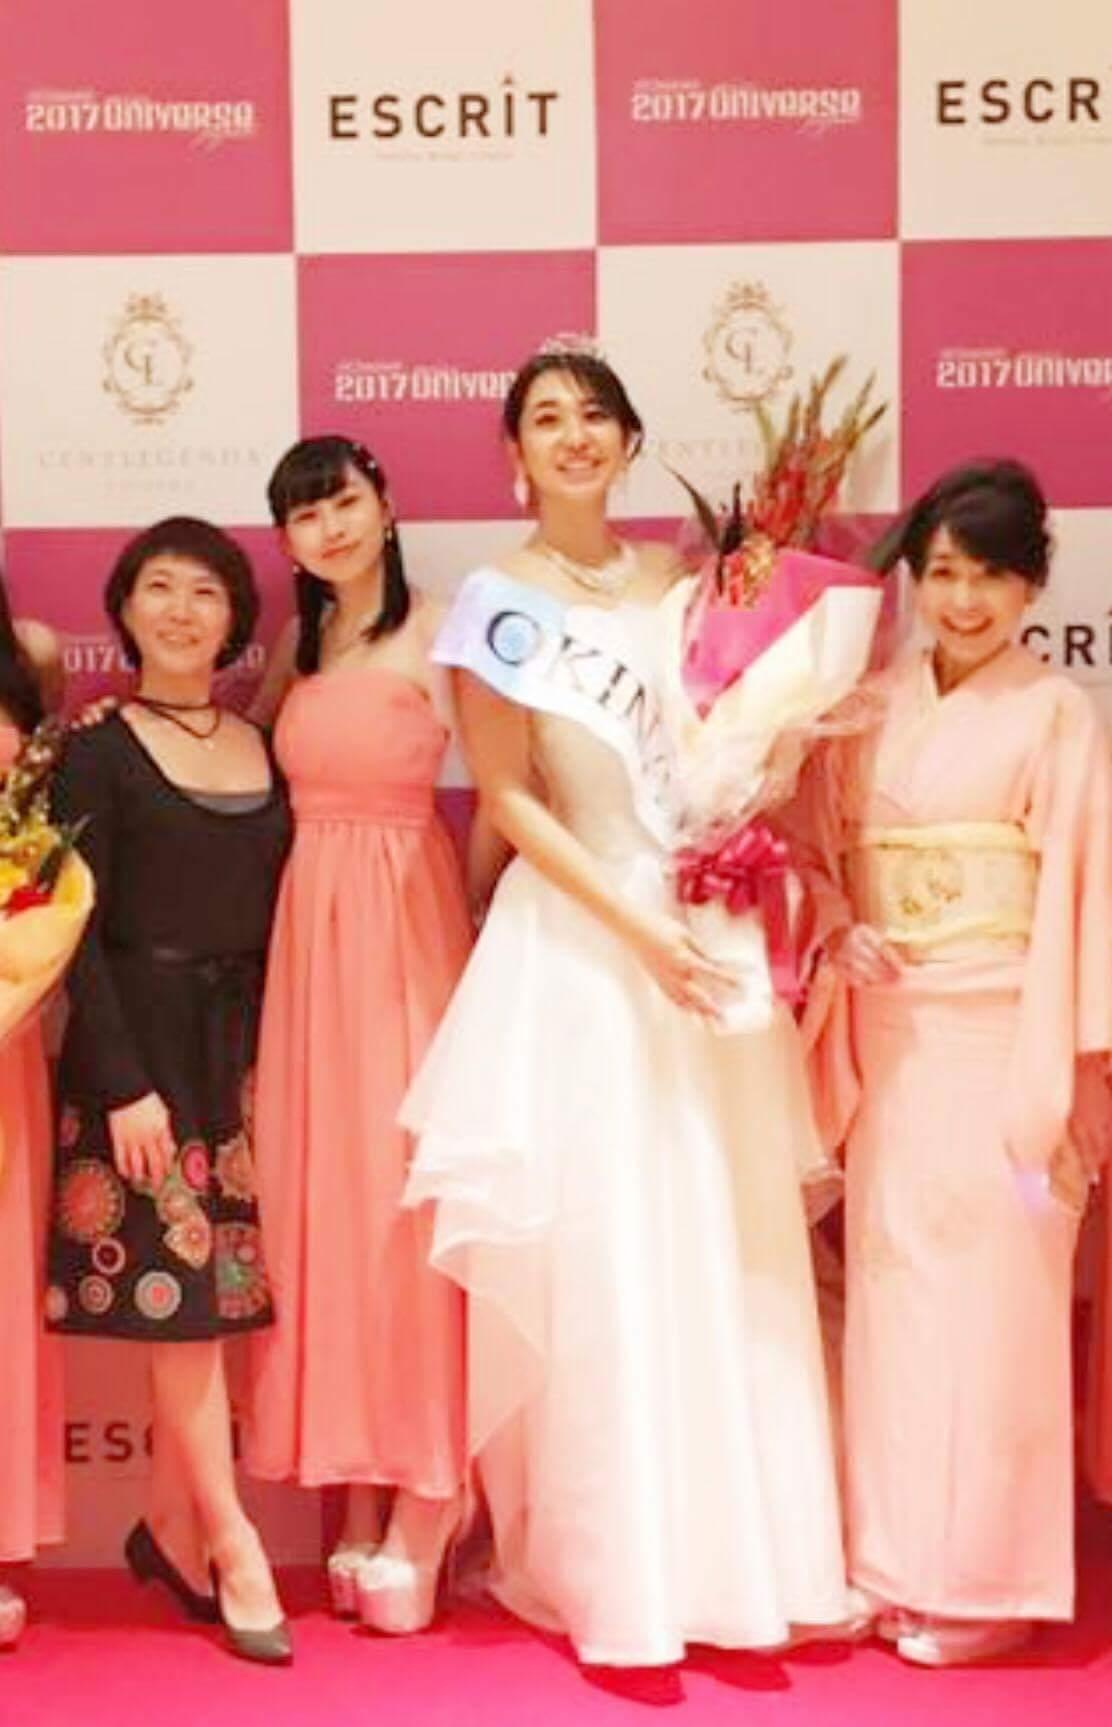 ミス・ユニバース沖縄大会でのメイクレッスン